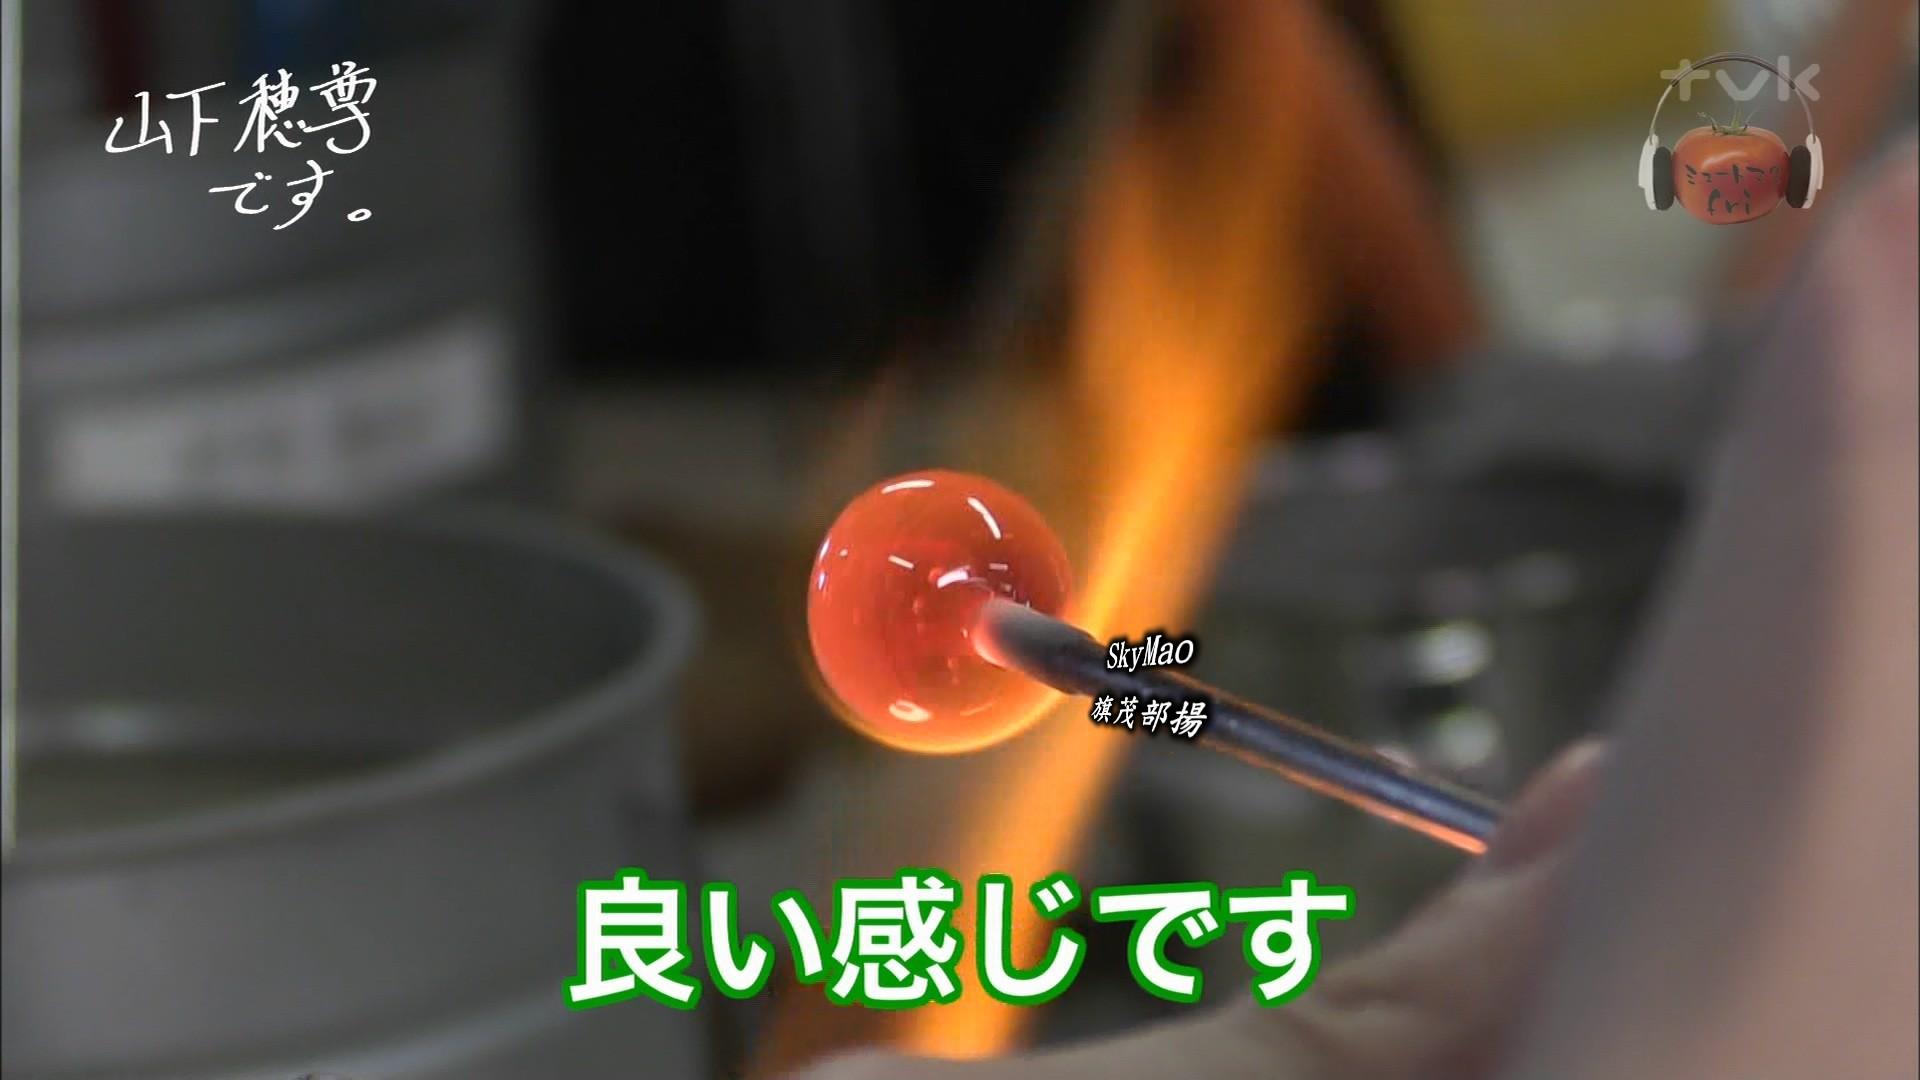 2017.09.22 全場(ミュートマ2).ts_20170923_004957.069